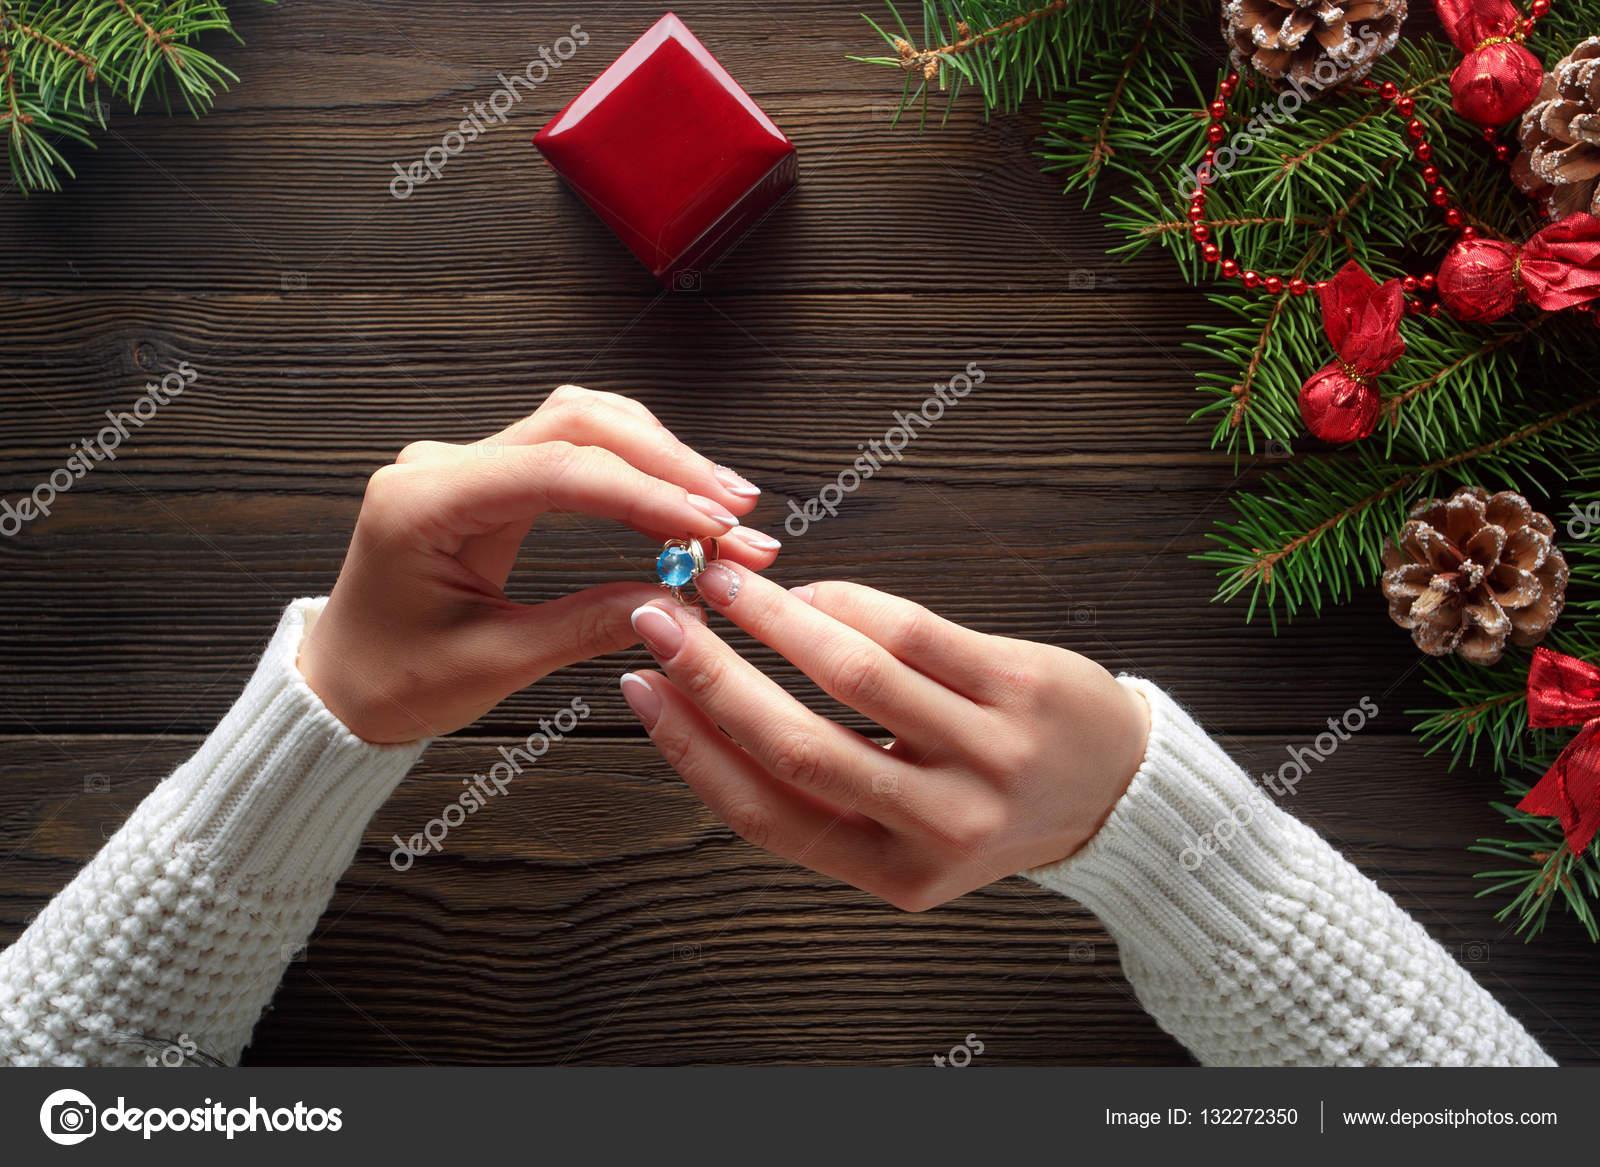 Verlobungsring In Weiblichen Handen Unter Weihnachtsschmuck Auf Holz